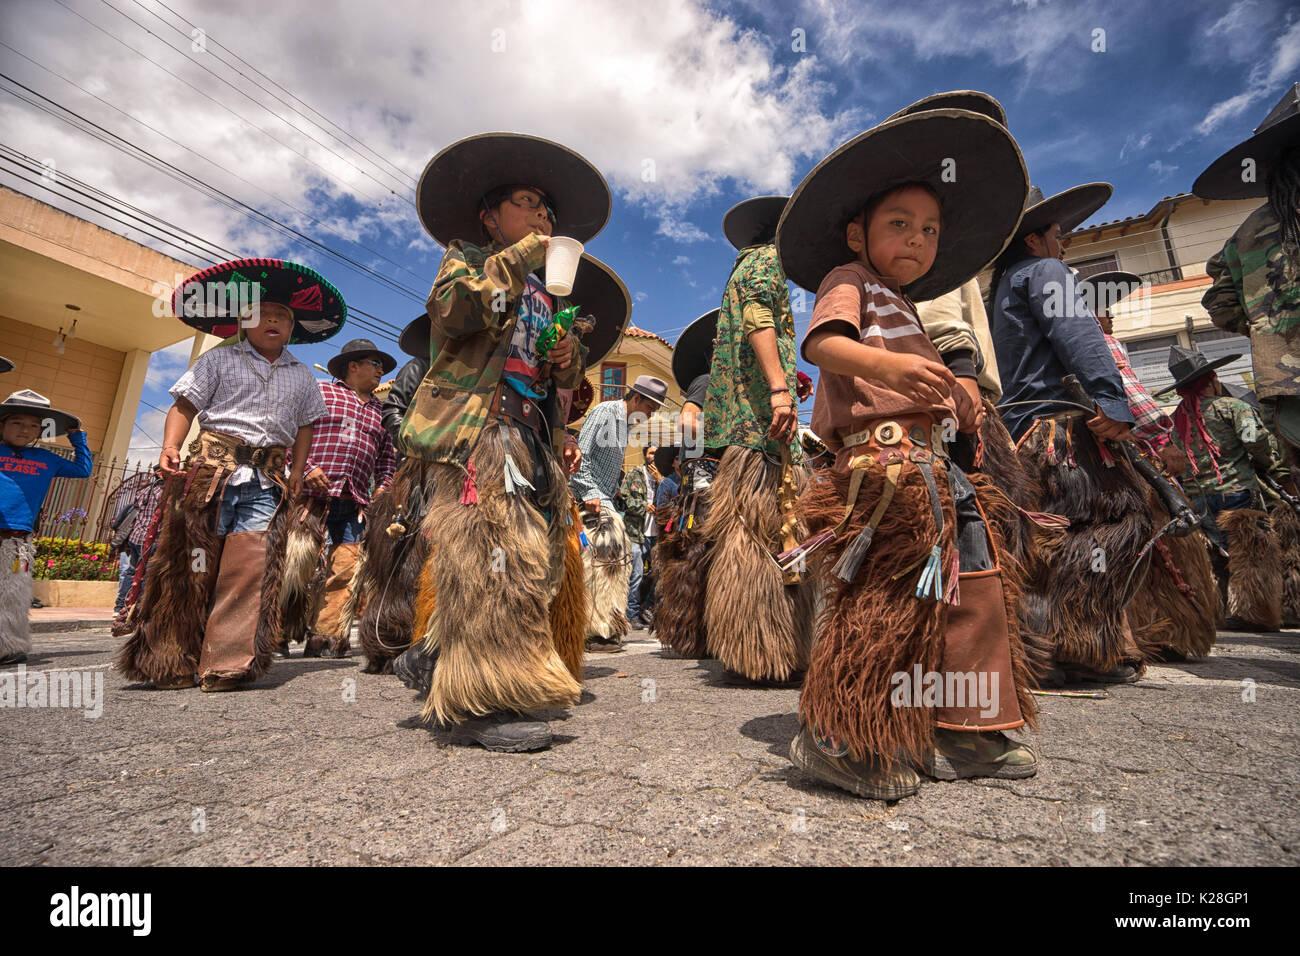 Junio 25, 2017 Cotacachi, Ecuador: todas las edades están representadas en el Inti Raymi desfile en el pueblo kichwa indígena Imagen De Stock